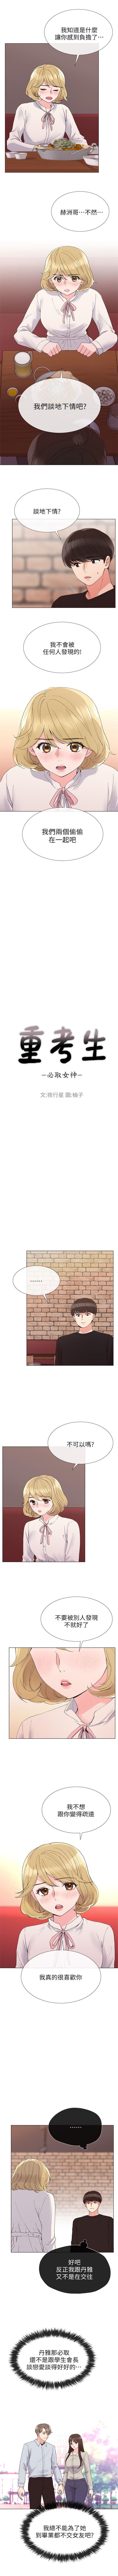 (週5)重考生 1-52 中文翻譯(更新中) 181